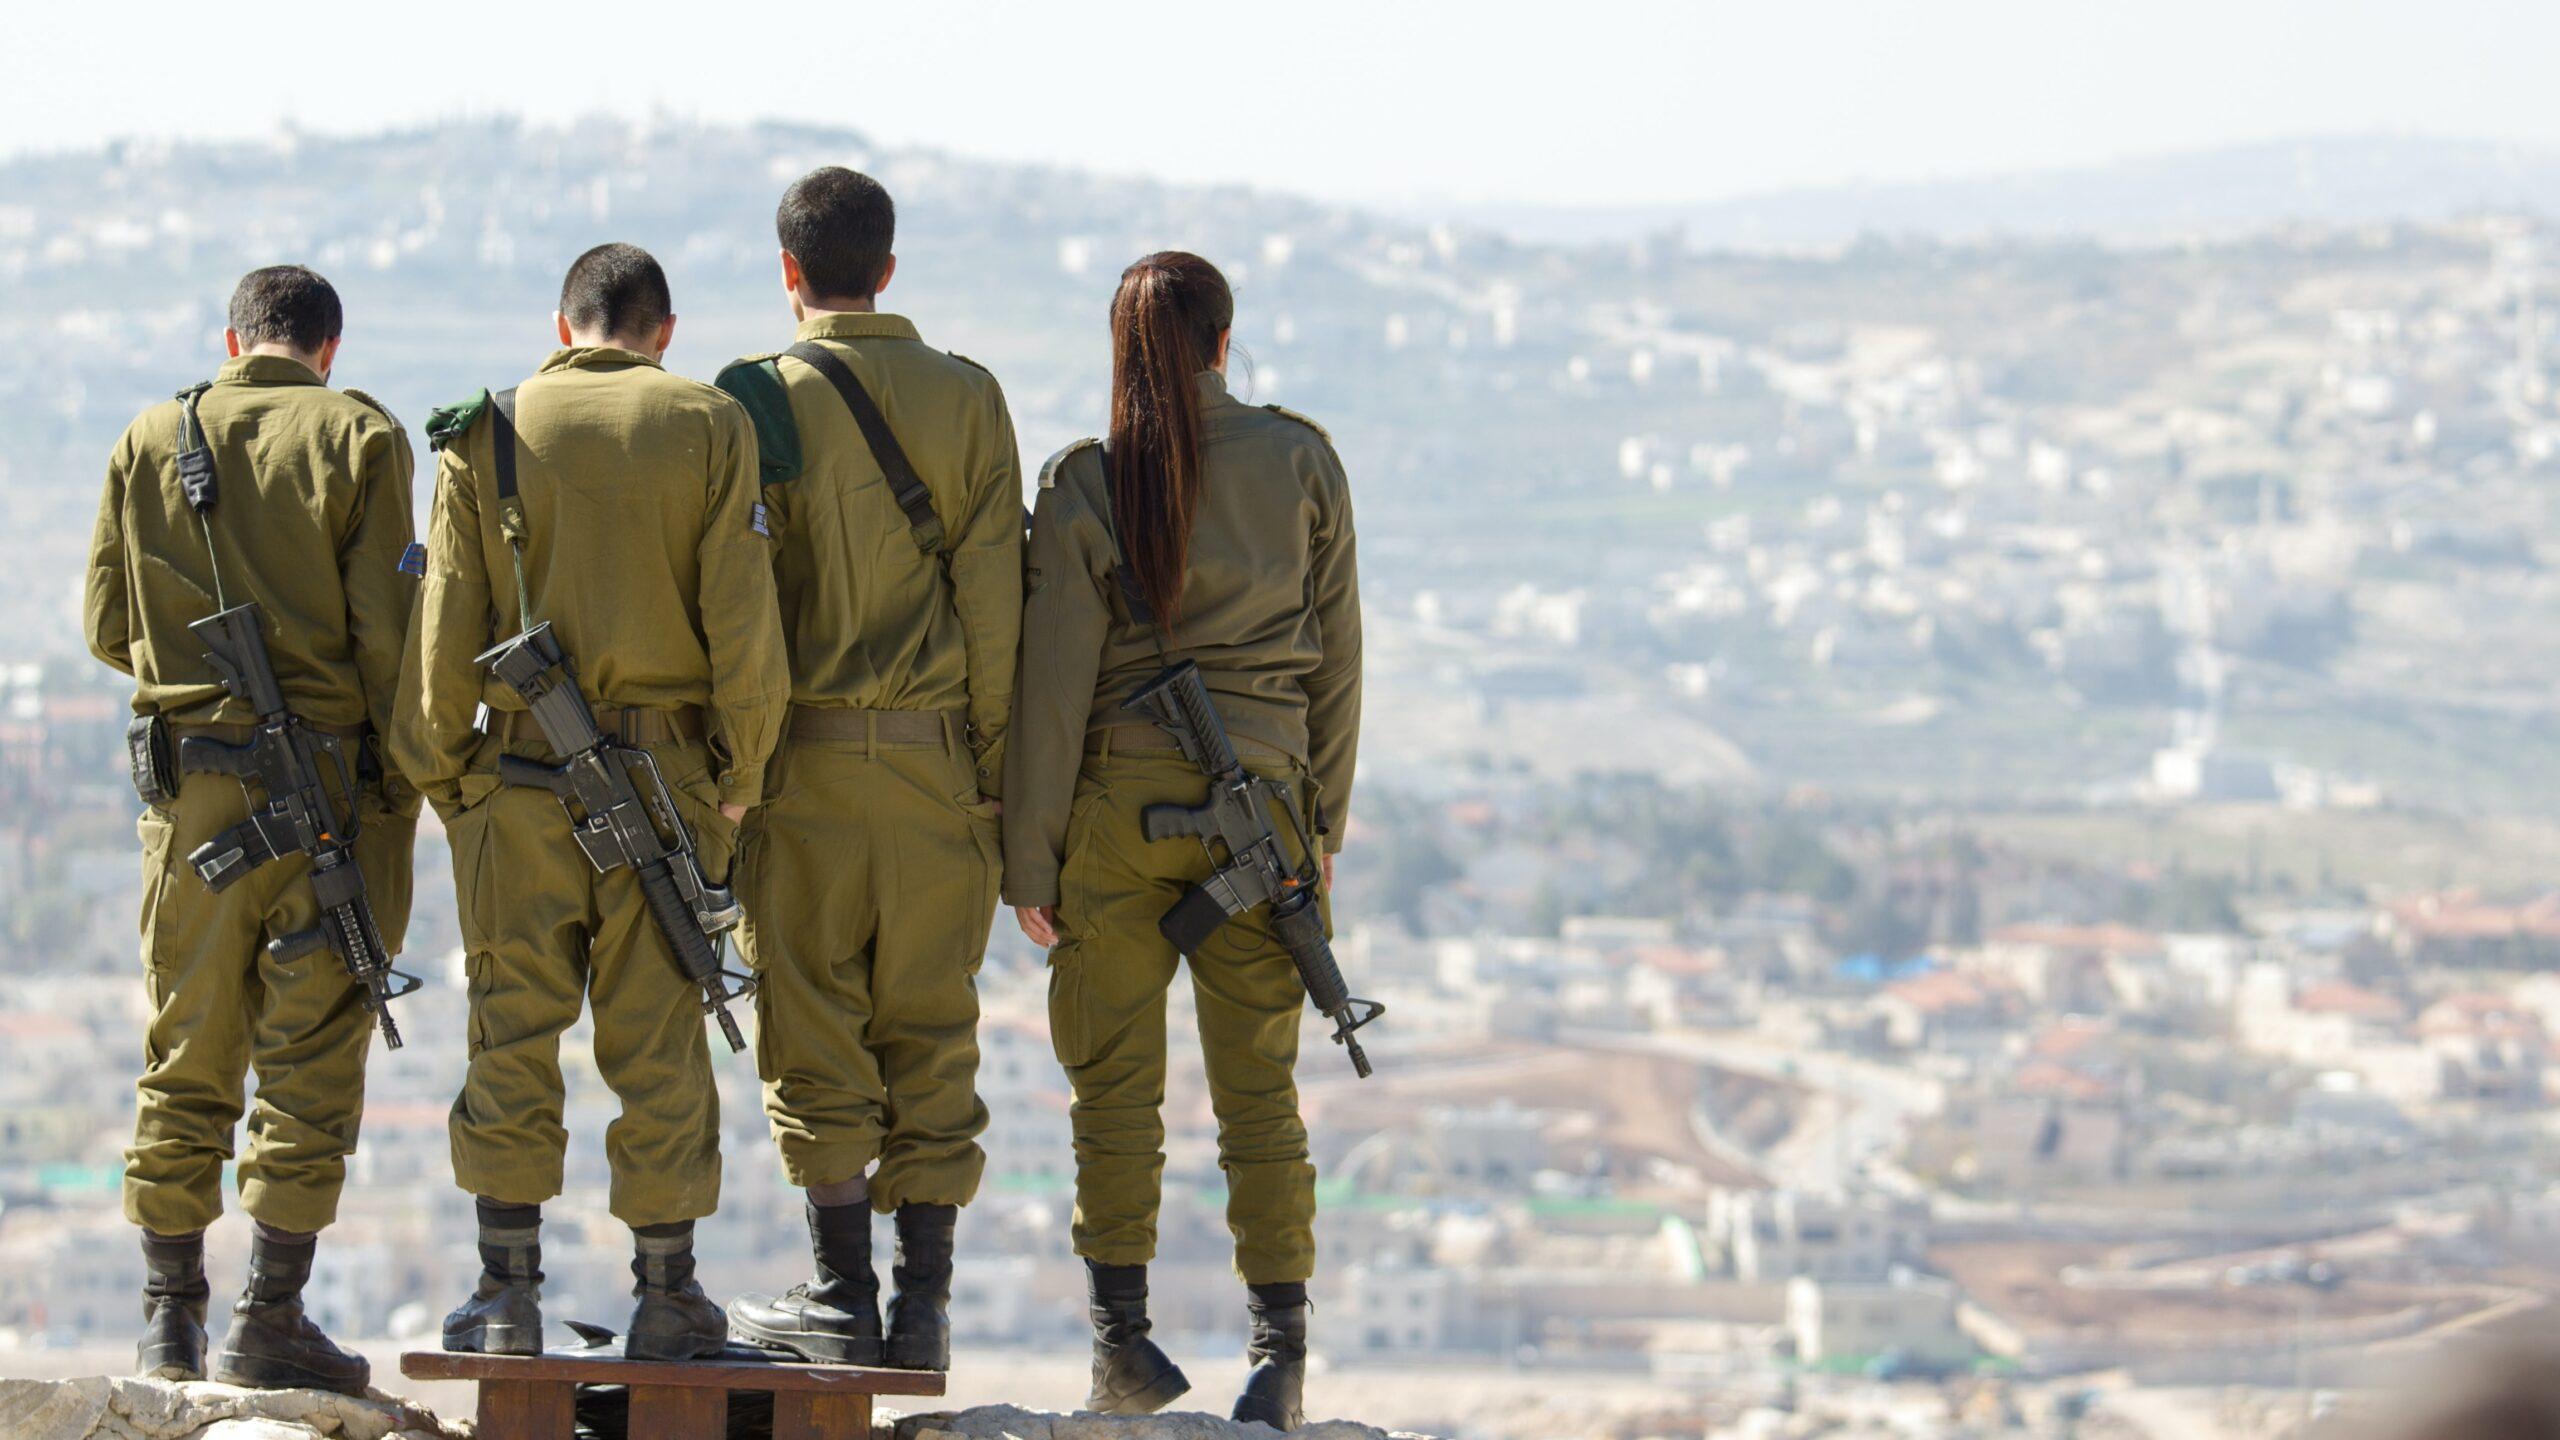 سایکس پیکو و جغرافیای جدید برای خاورمیانه (چرا خاورمیانه آرام نمیشود؟)